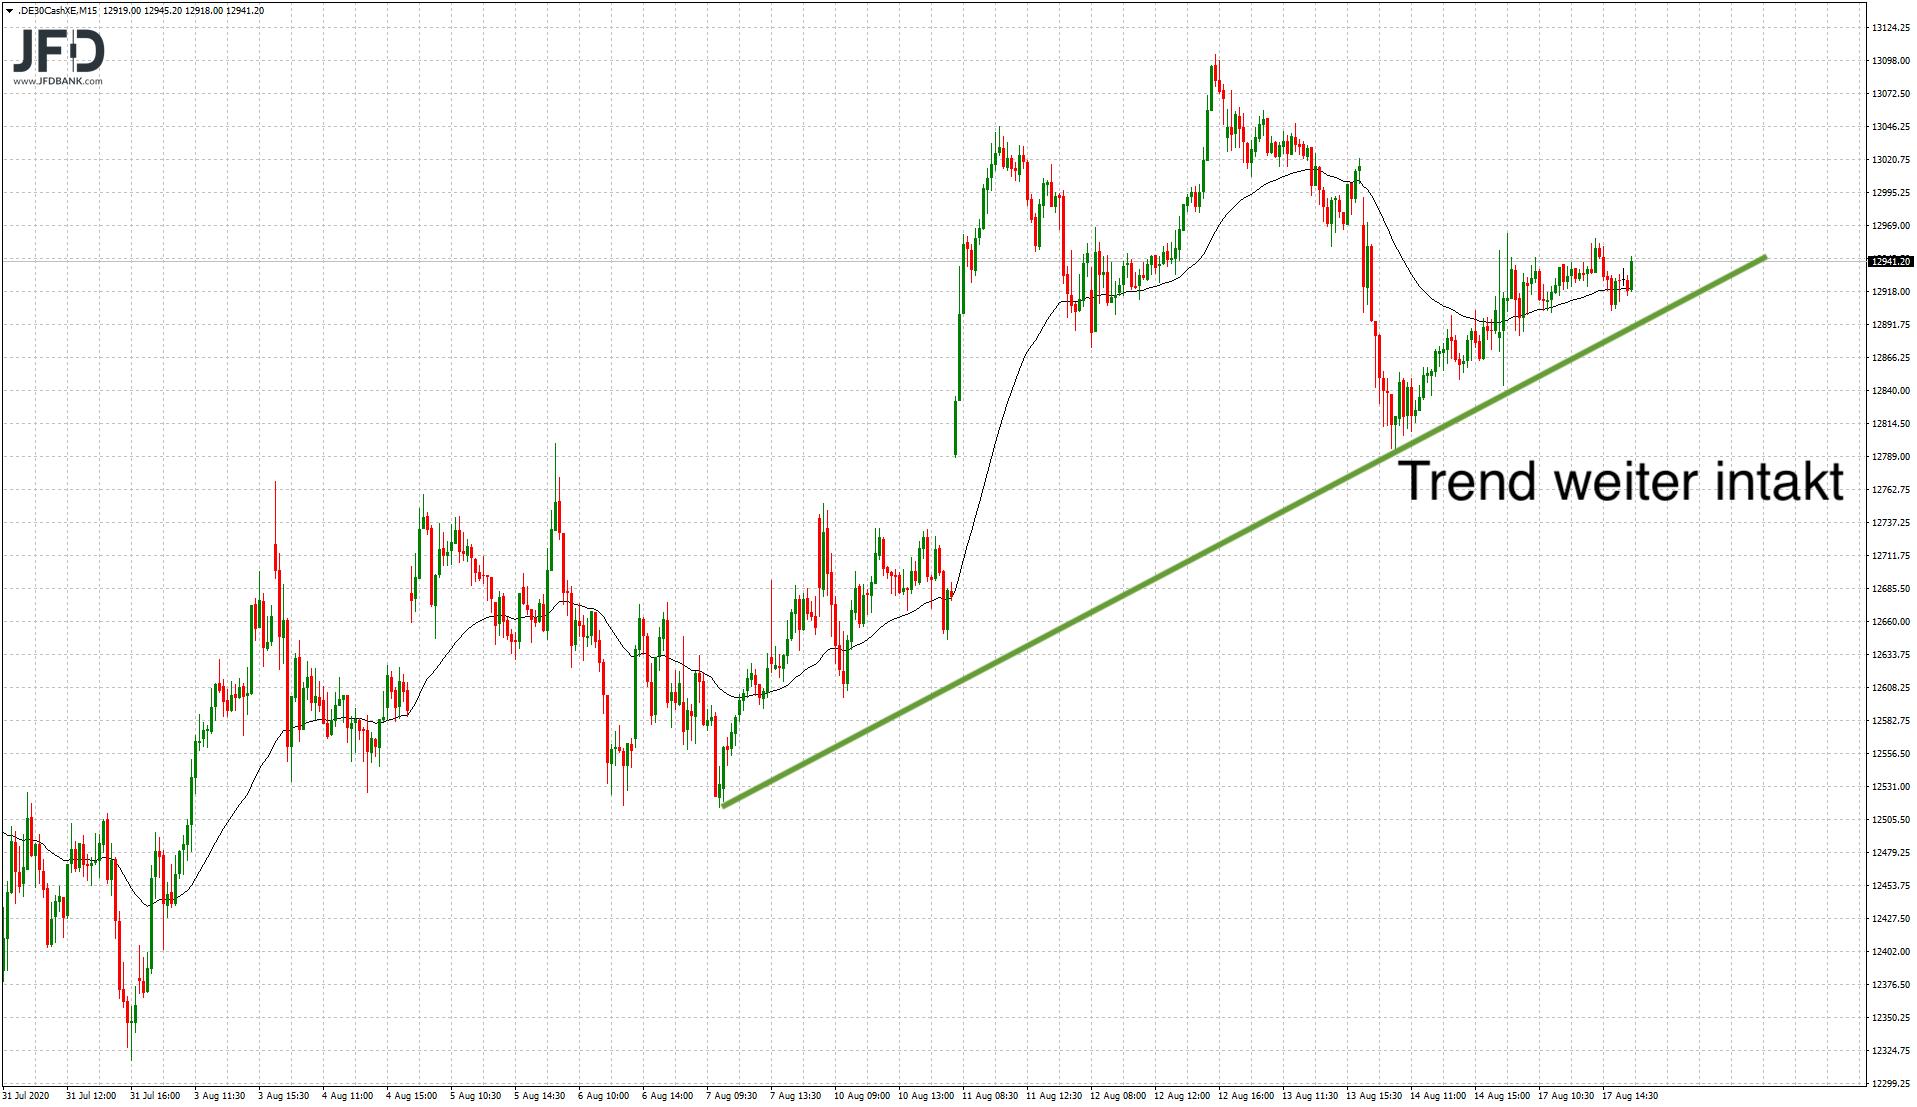 DAX-Trend seit Anfang August intakt